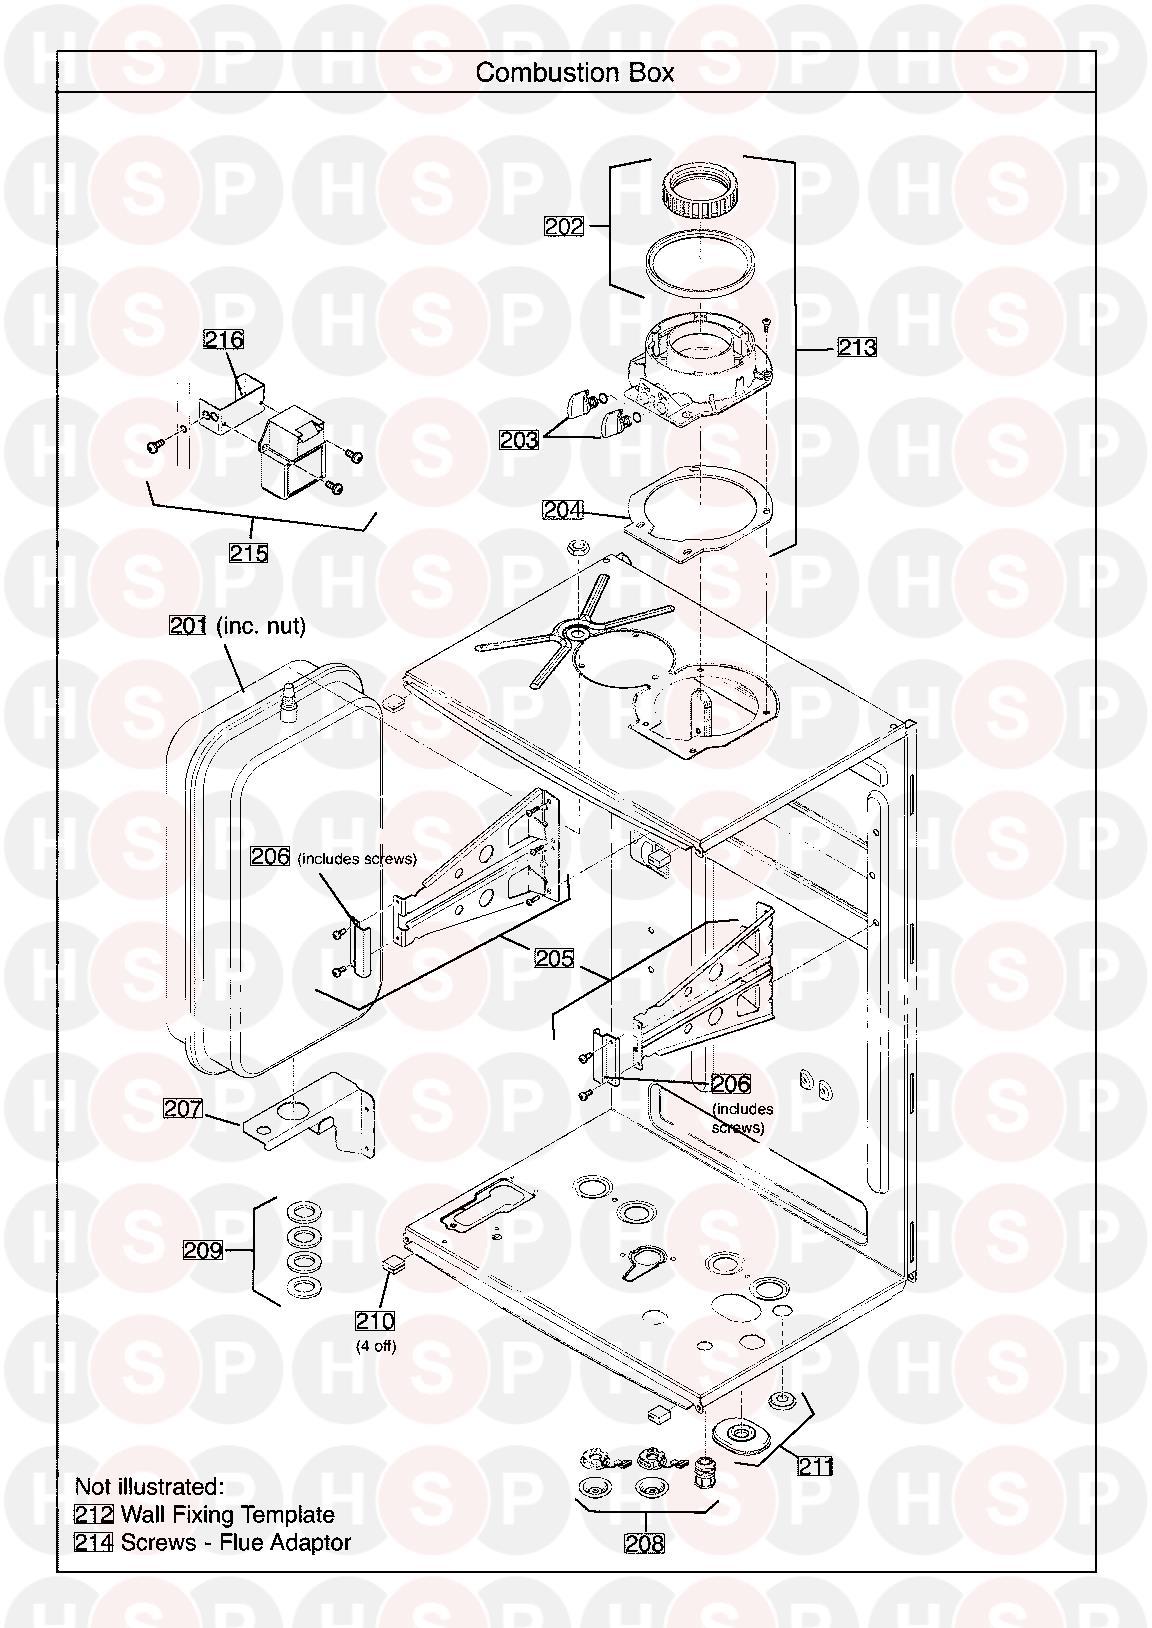 baxi advance combi 24 erp  combustion box  diagram